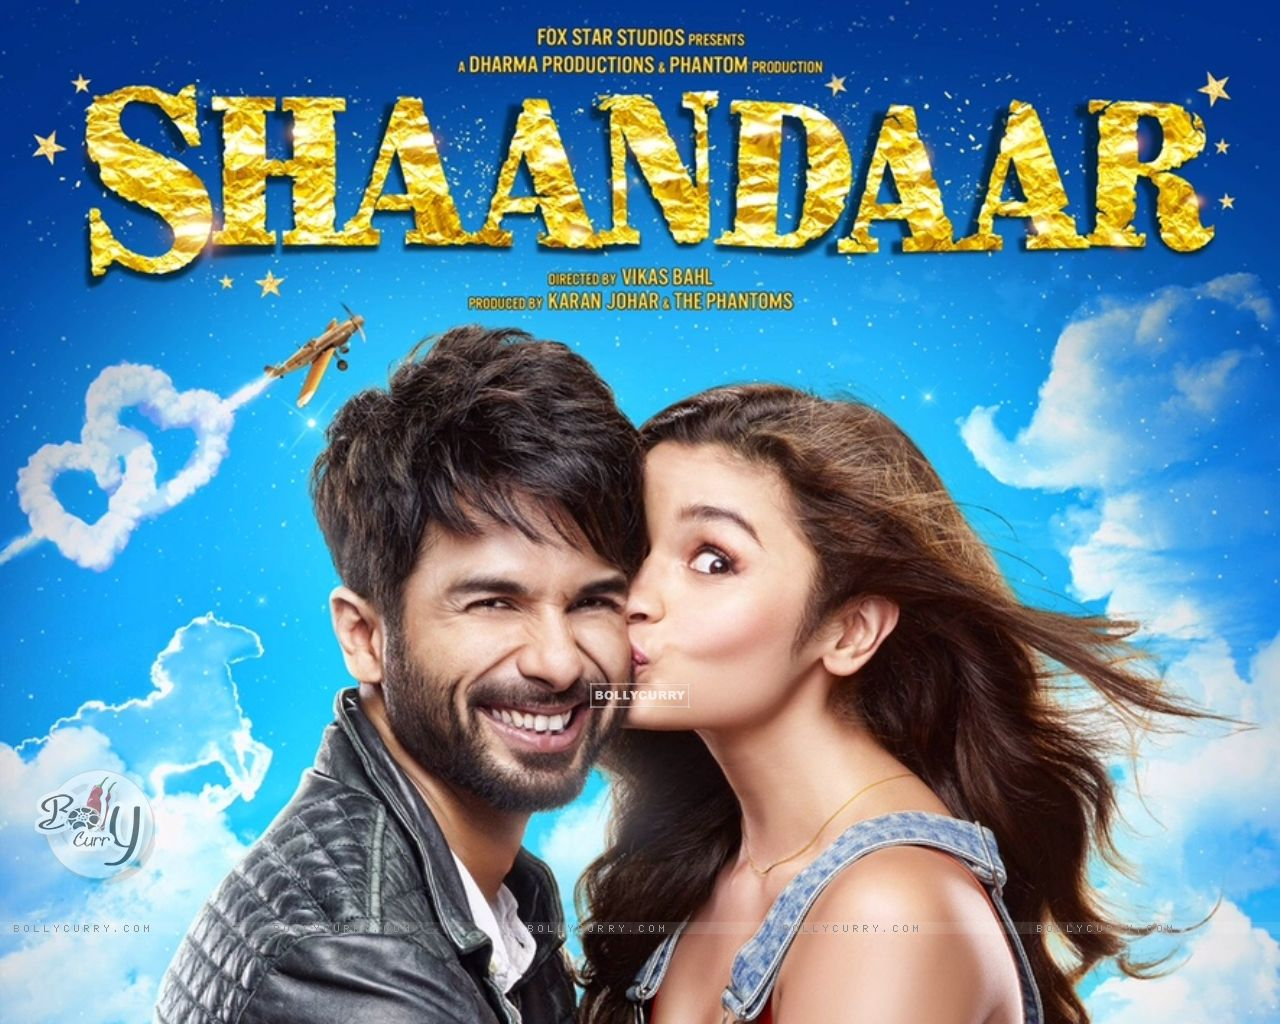 Shahid Kapoor and Alia Bhatt in Shaandar (373547) size:1280x1024